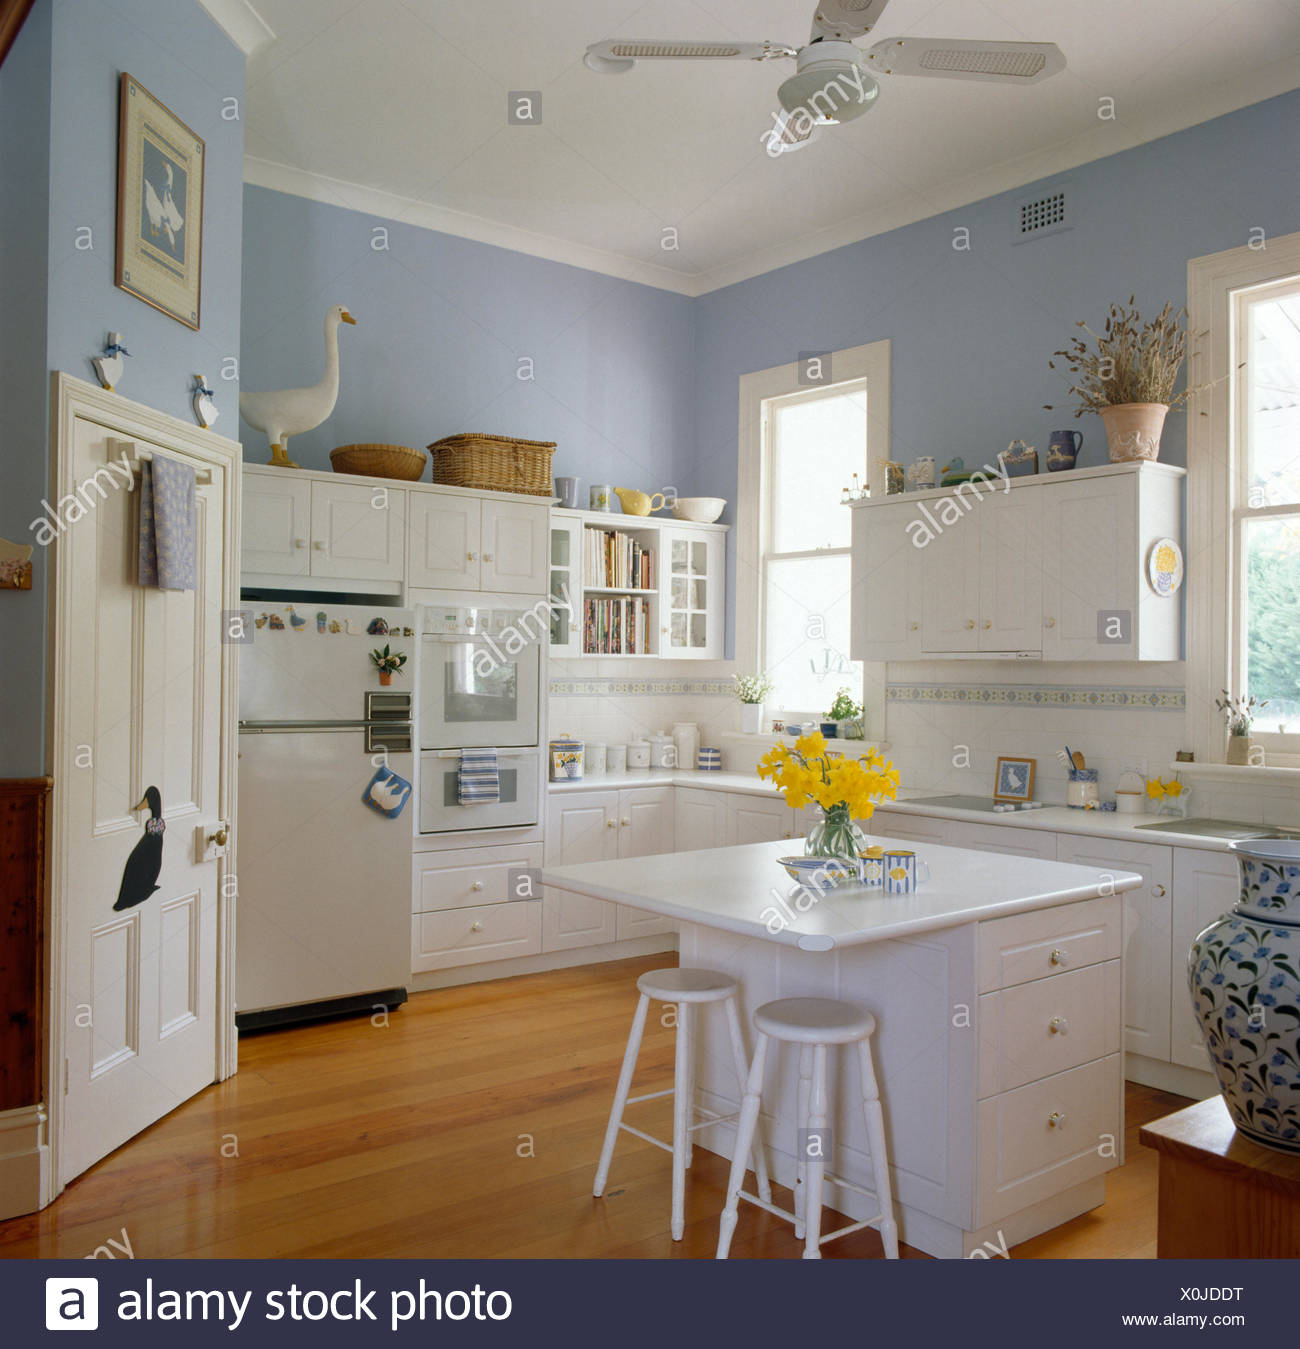 Refrigerator Unit Imágenes De Stock & Refrigerator Unit Fotos De ...